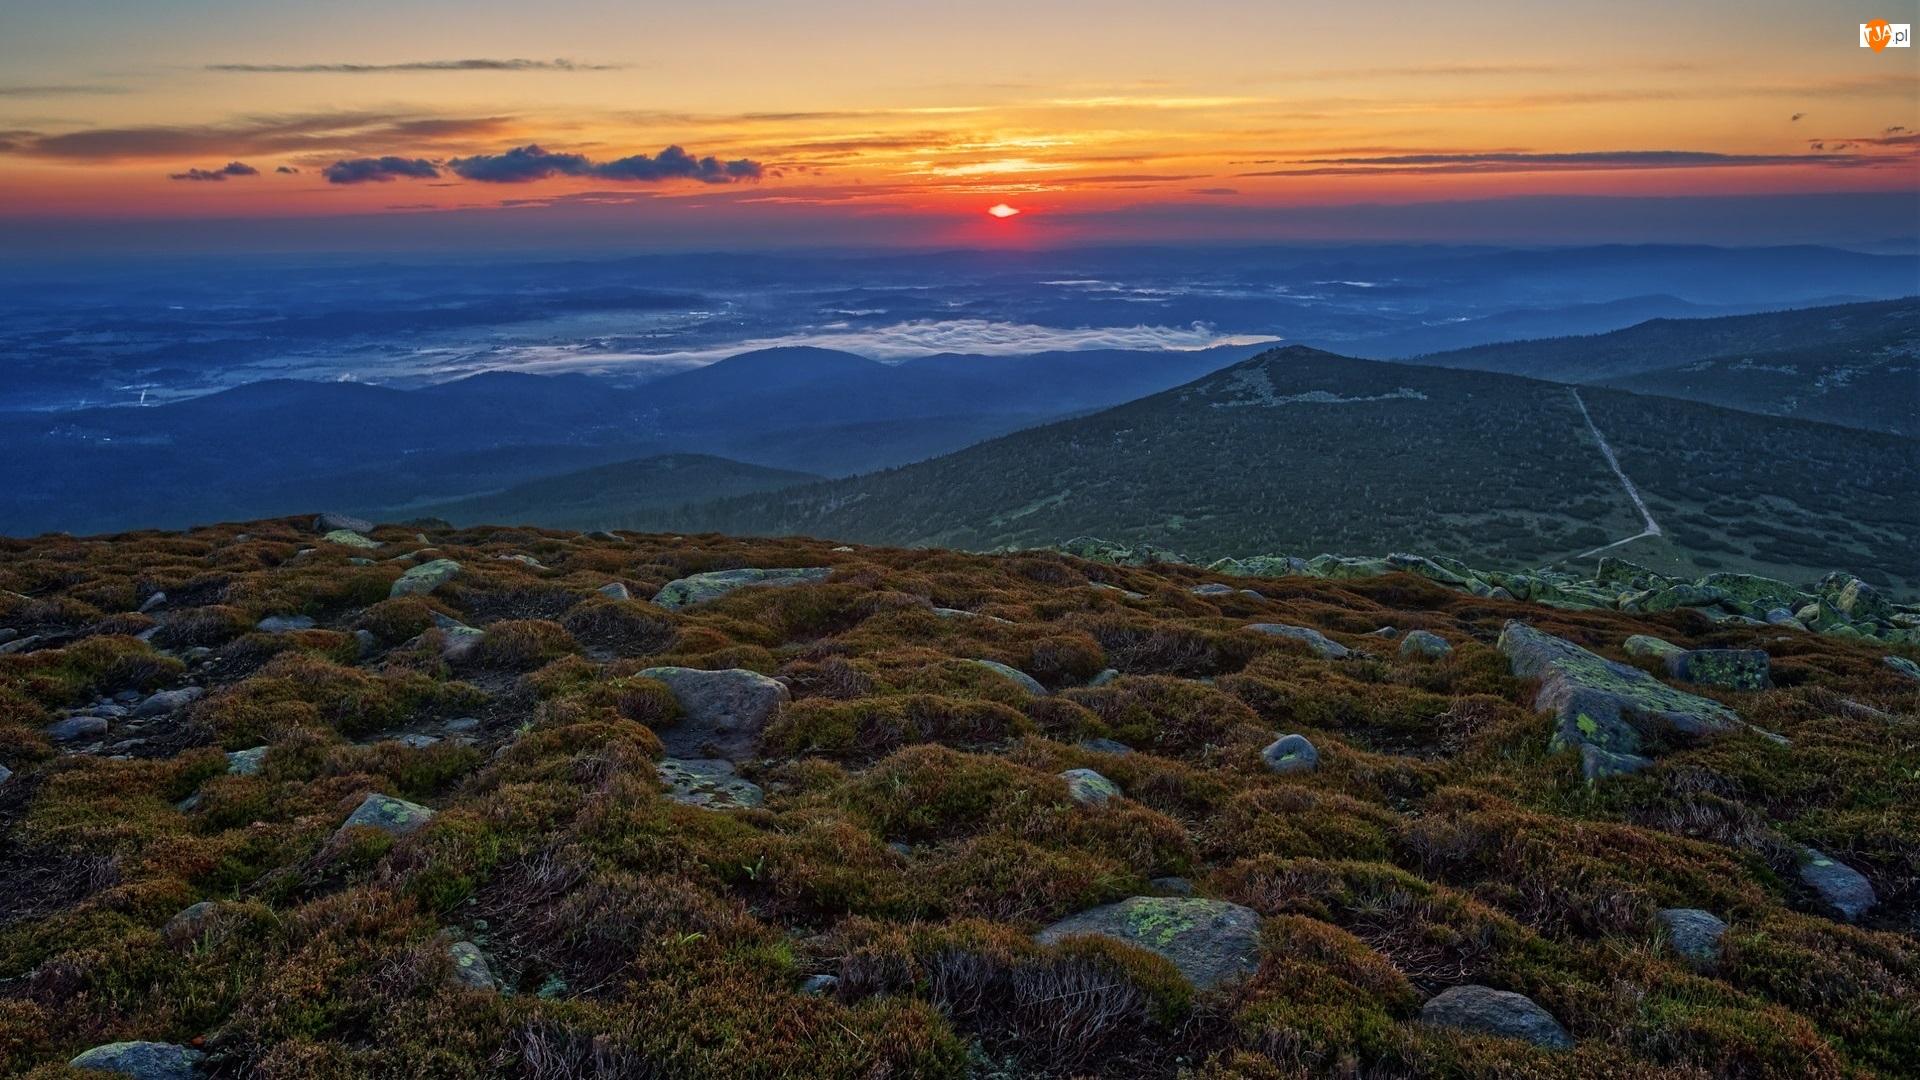 Wzgórza, Rośliny, Polska, Wschód słońca, Karkonosze, Góry, Kamienie